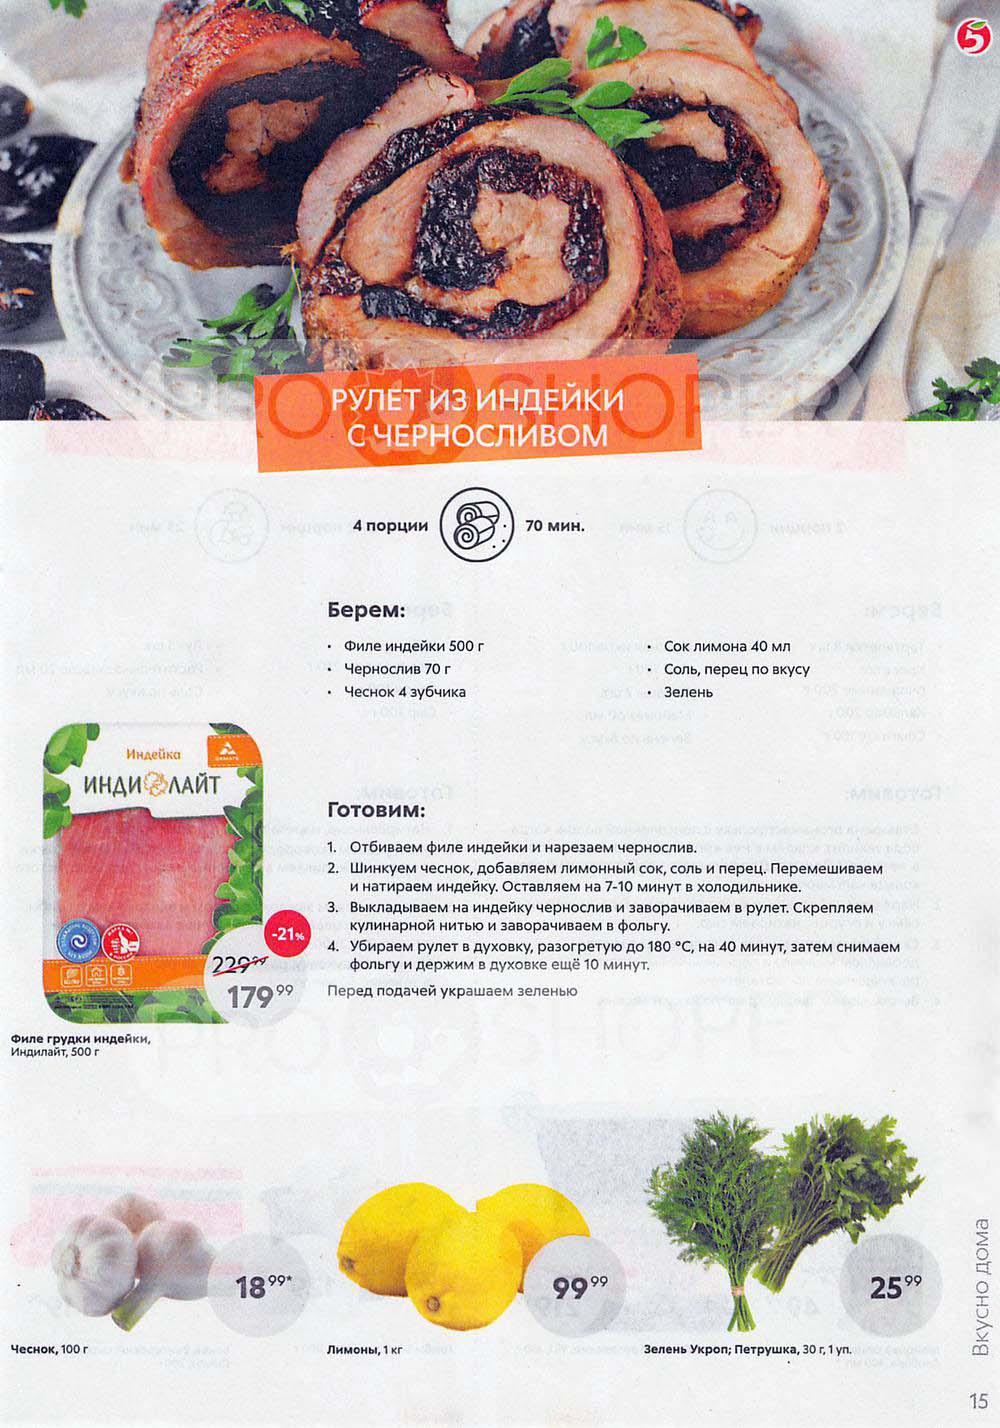 Каталог магазина Пятерочка с 31 декабря 2020 года